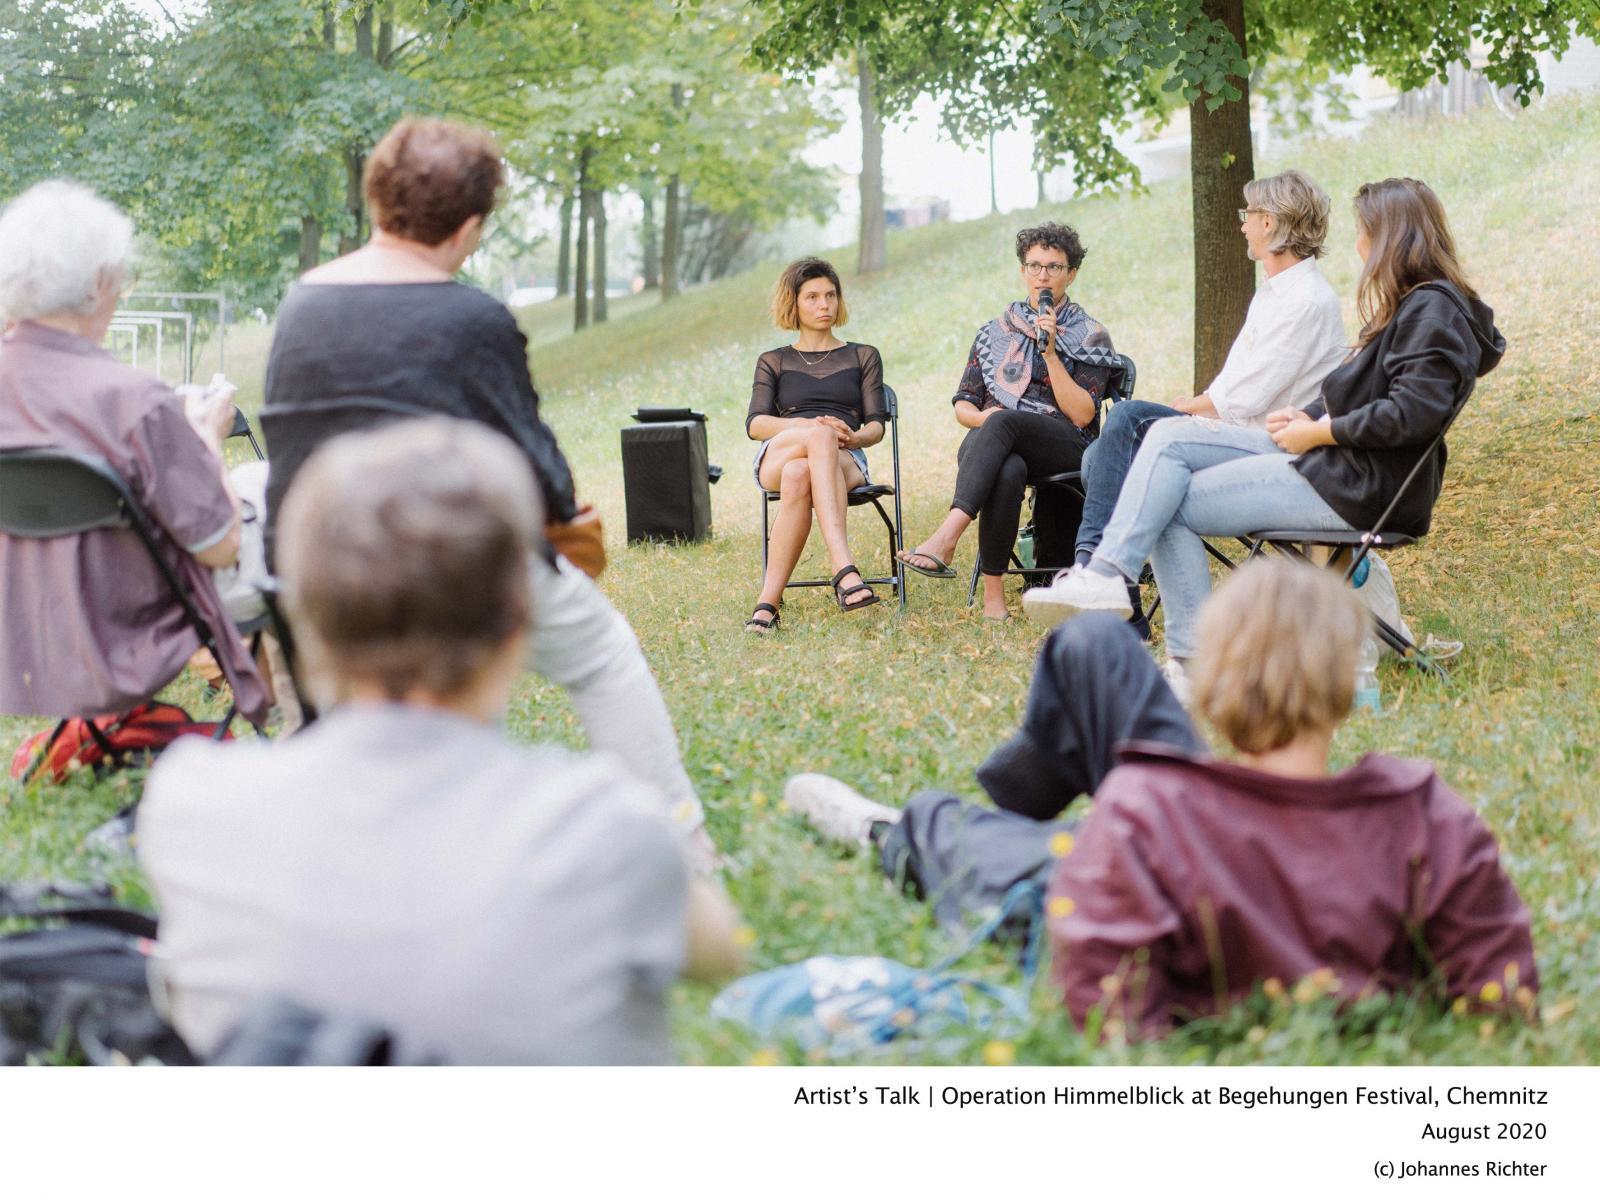 Photography image - Loading Chemnitz2.jpg